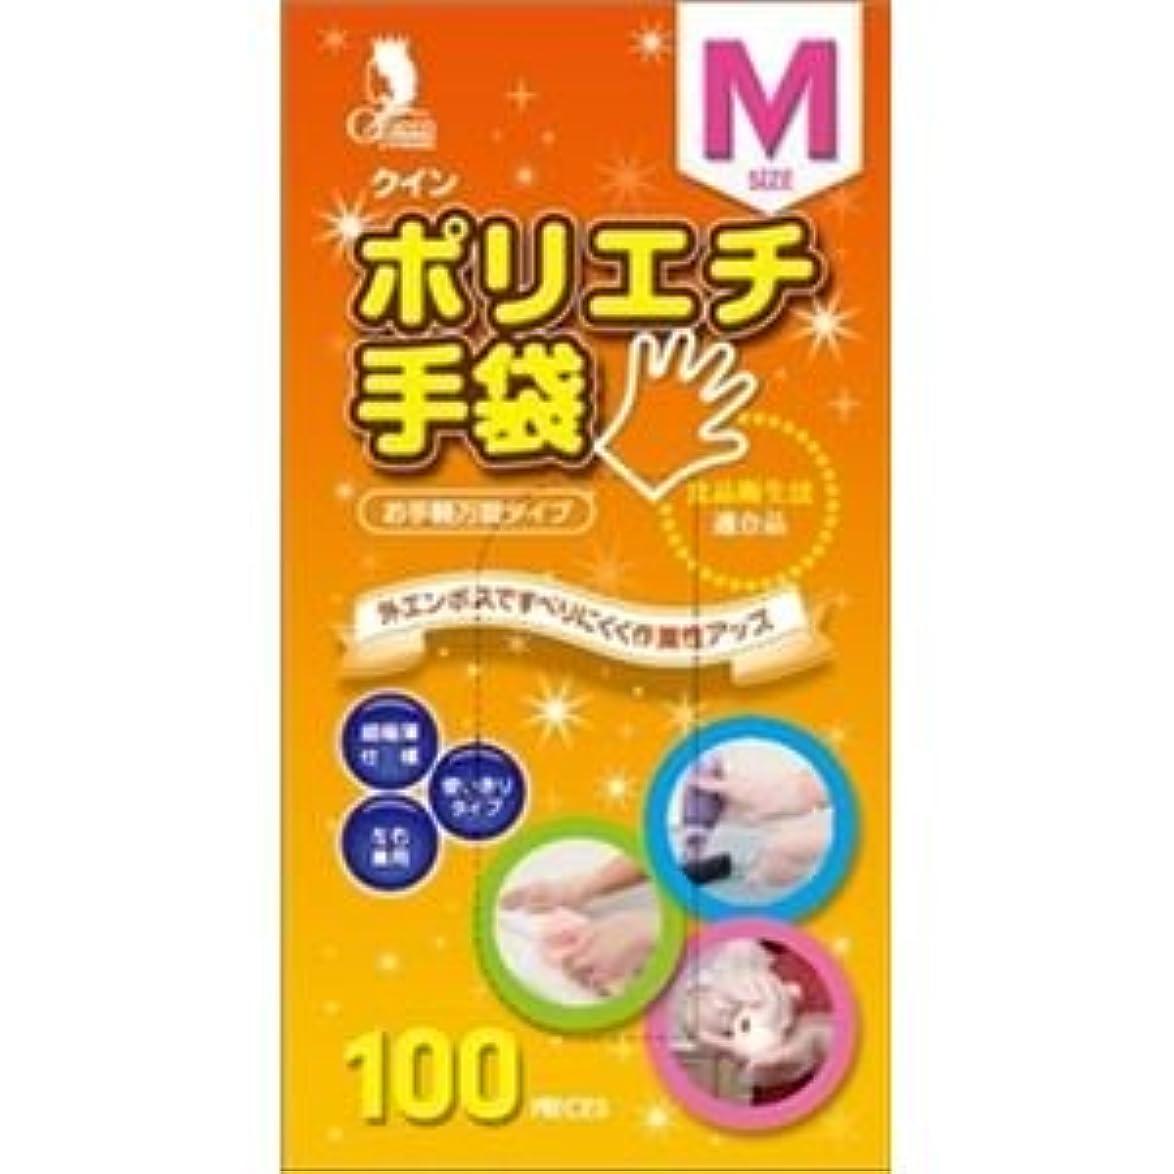 アジア人縫うバイパス(まとめ)宇都宮製作 クインポリエチ手袋100枚入 M (N) 【×5点セット】